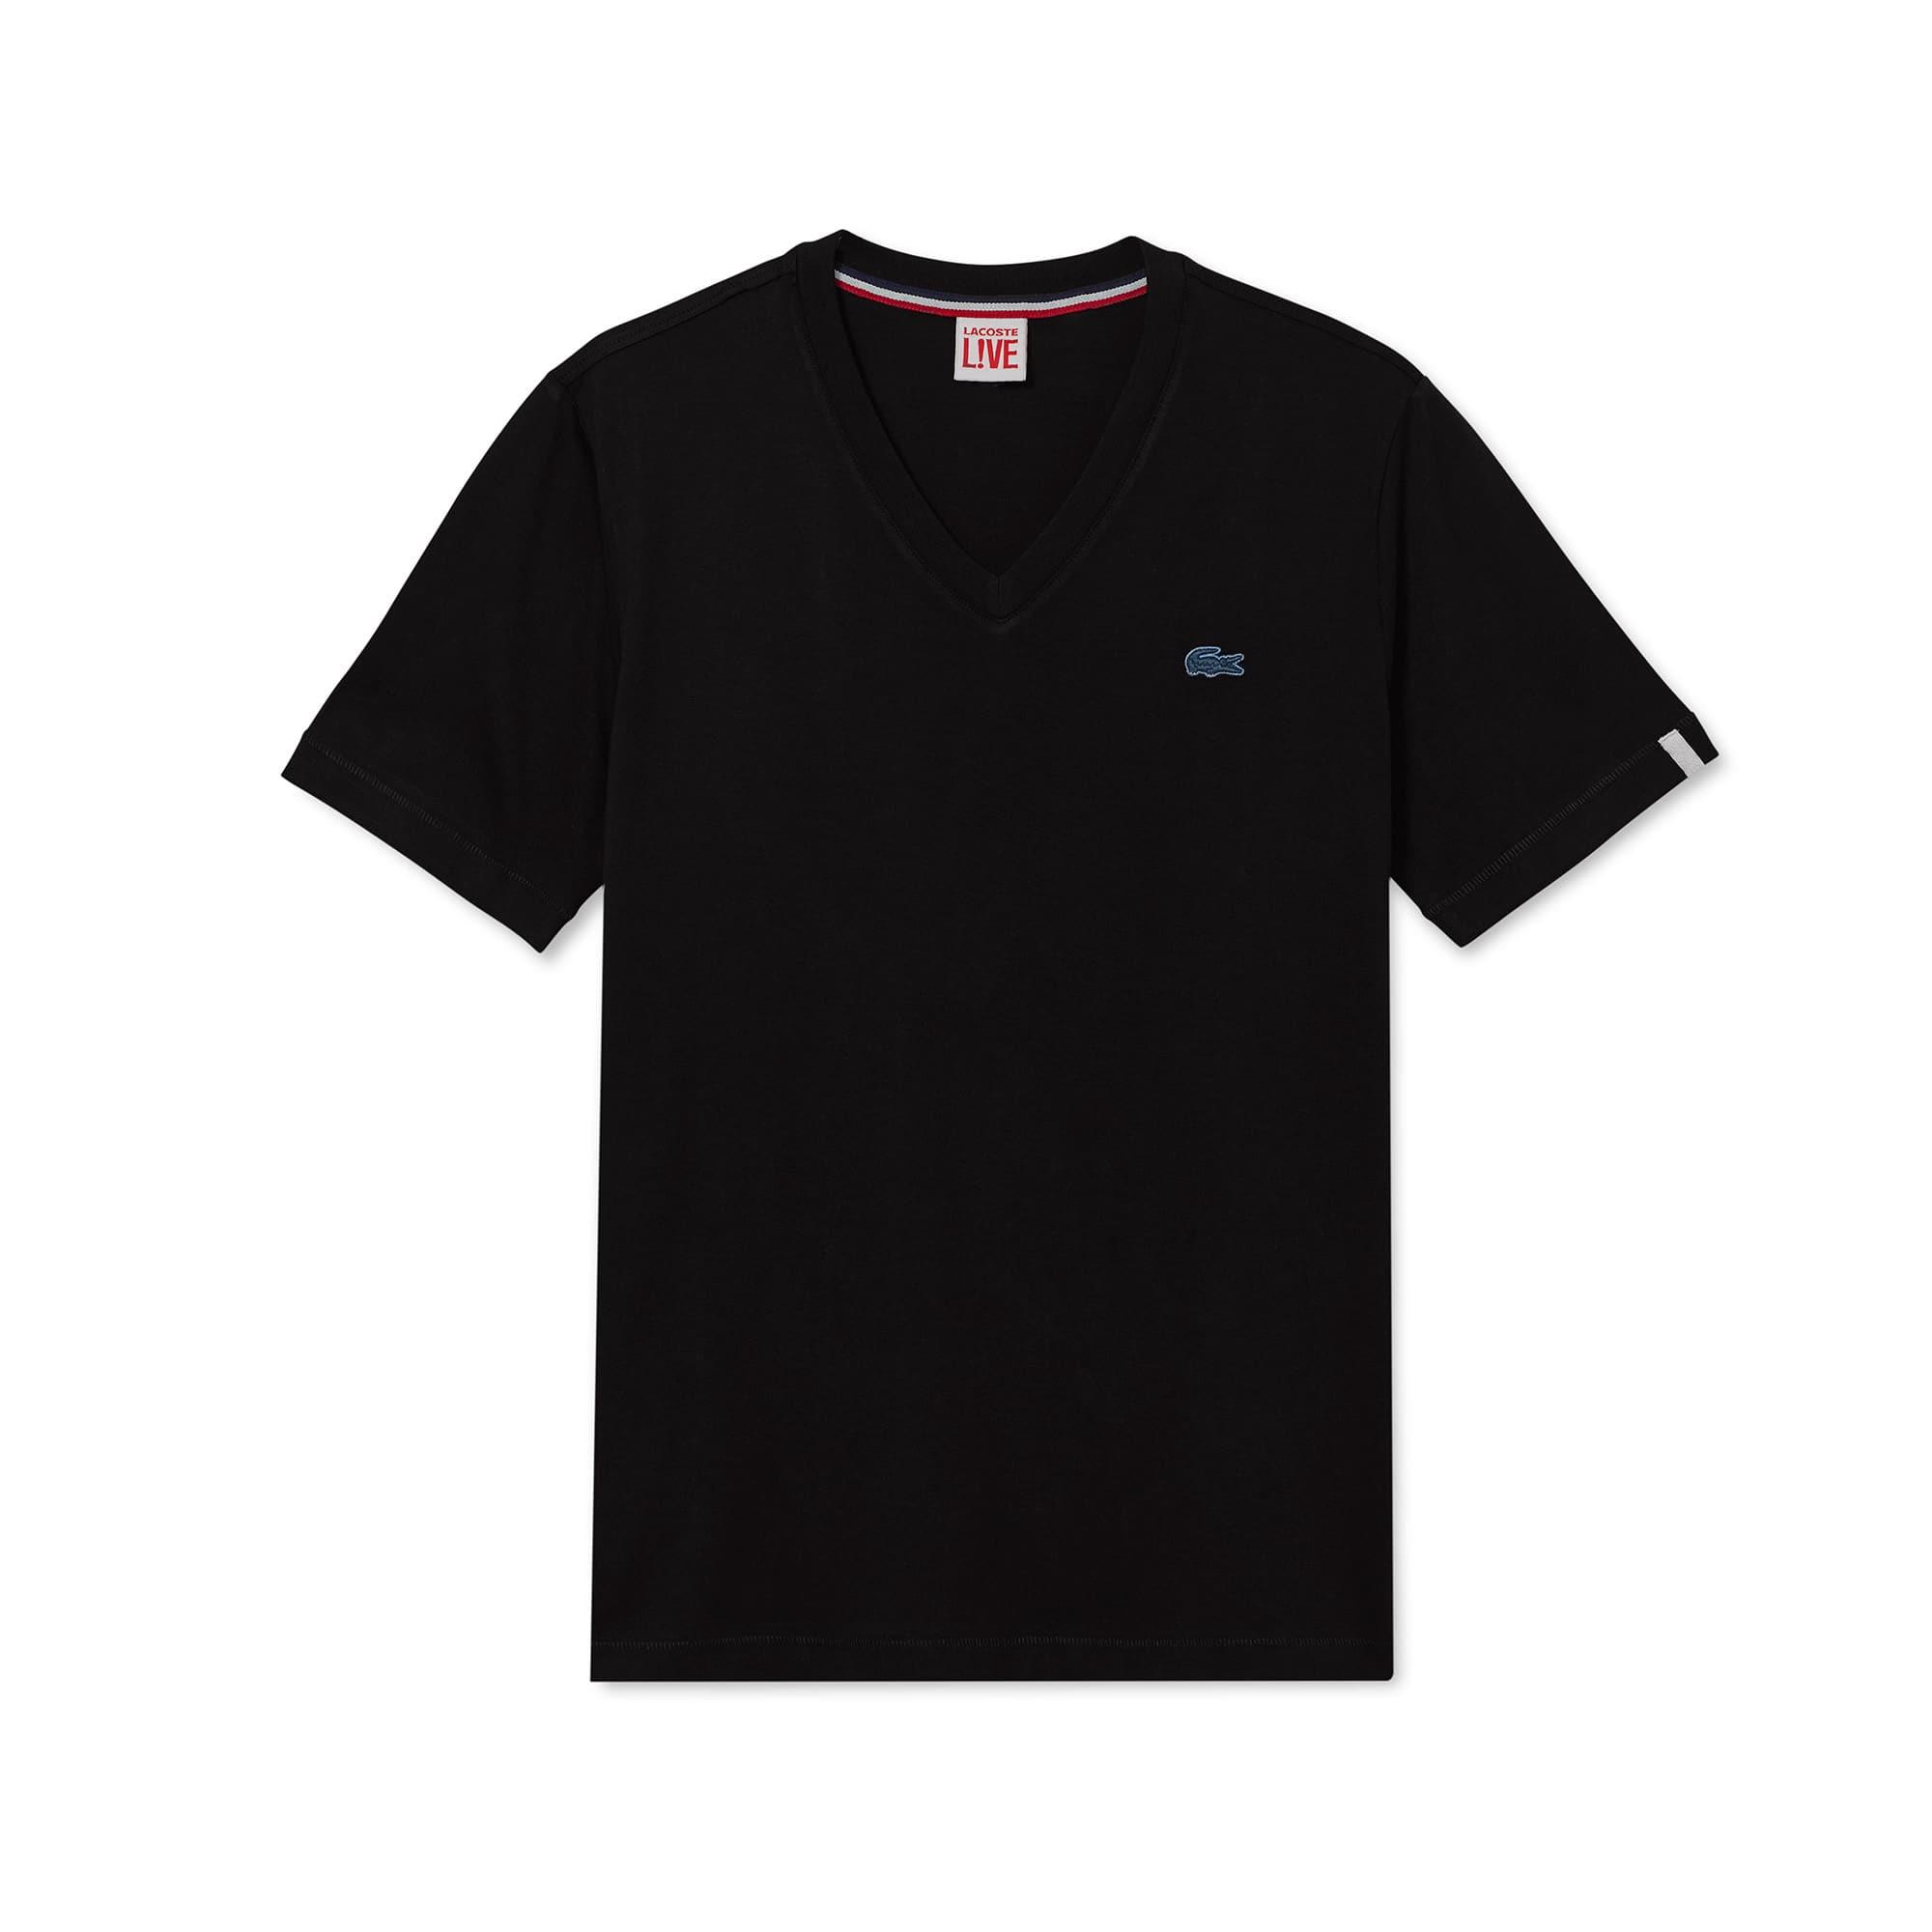 Camiseta unisex en tejido de punto de algodón con cuello de pico Lacoste LIVE